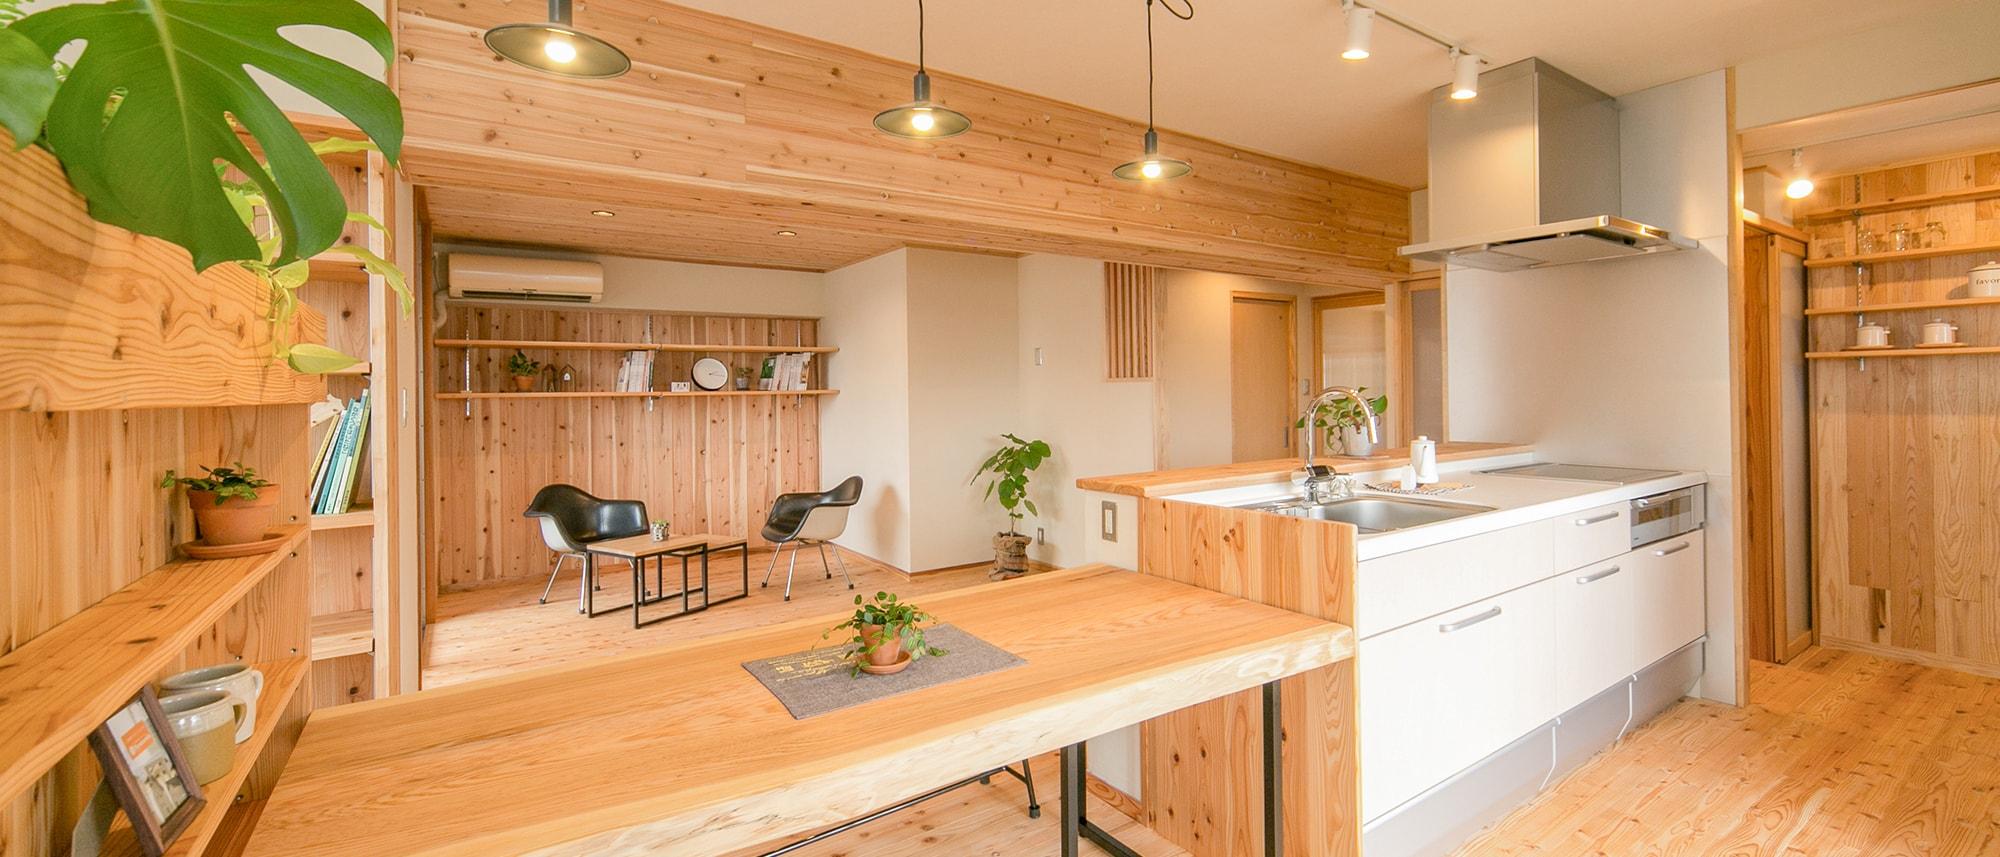 木箱 Imagawa|キッチンから見たリビングの写真